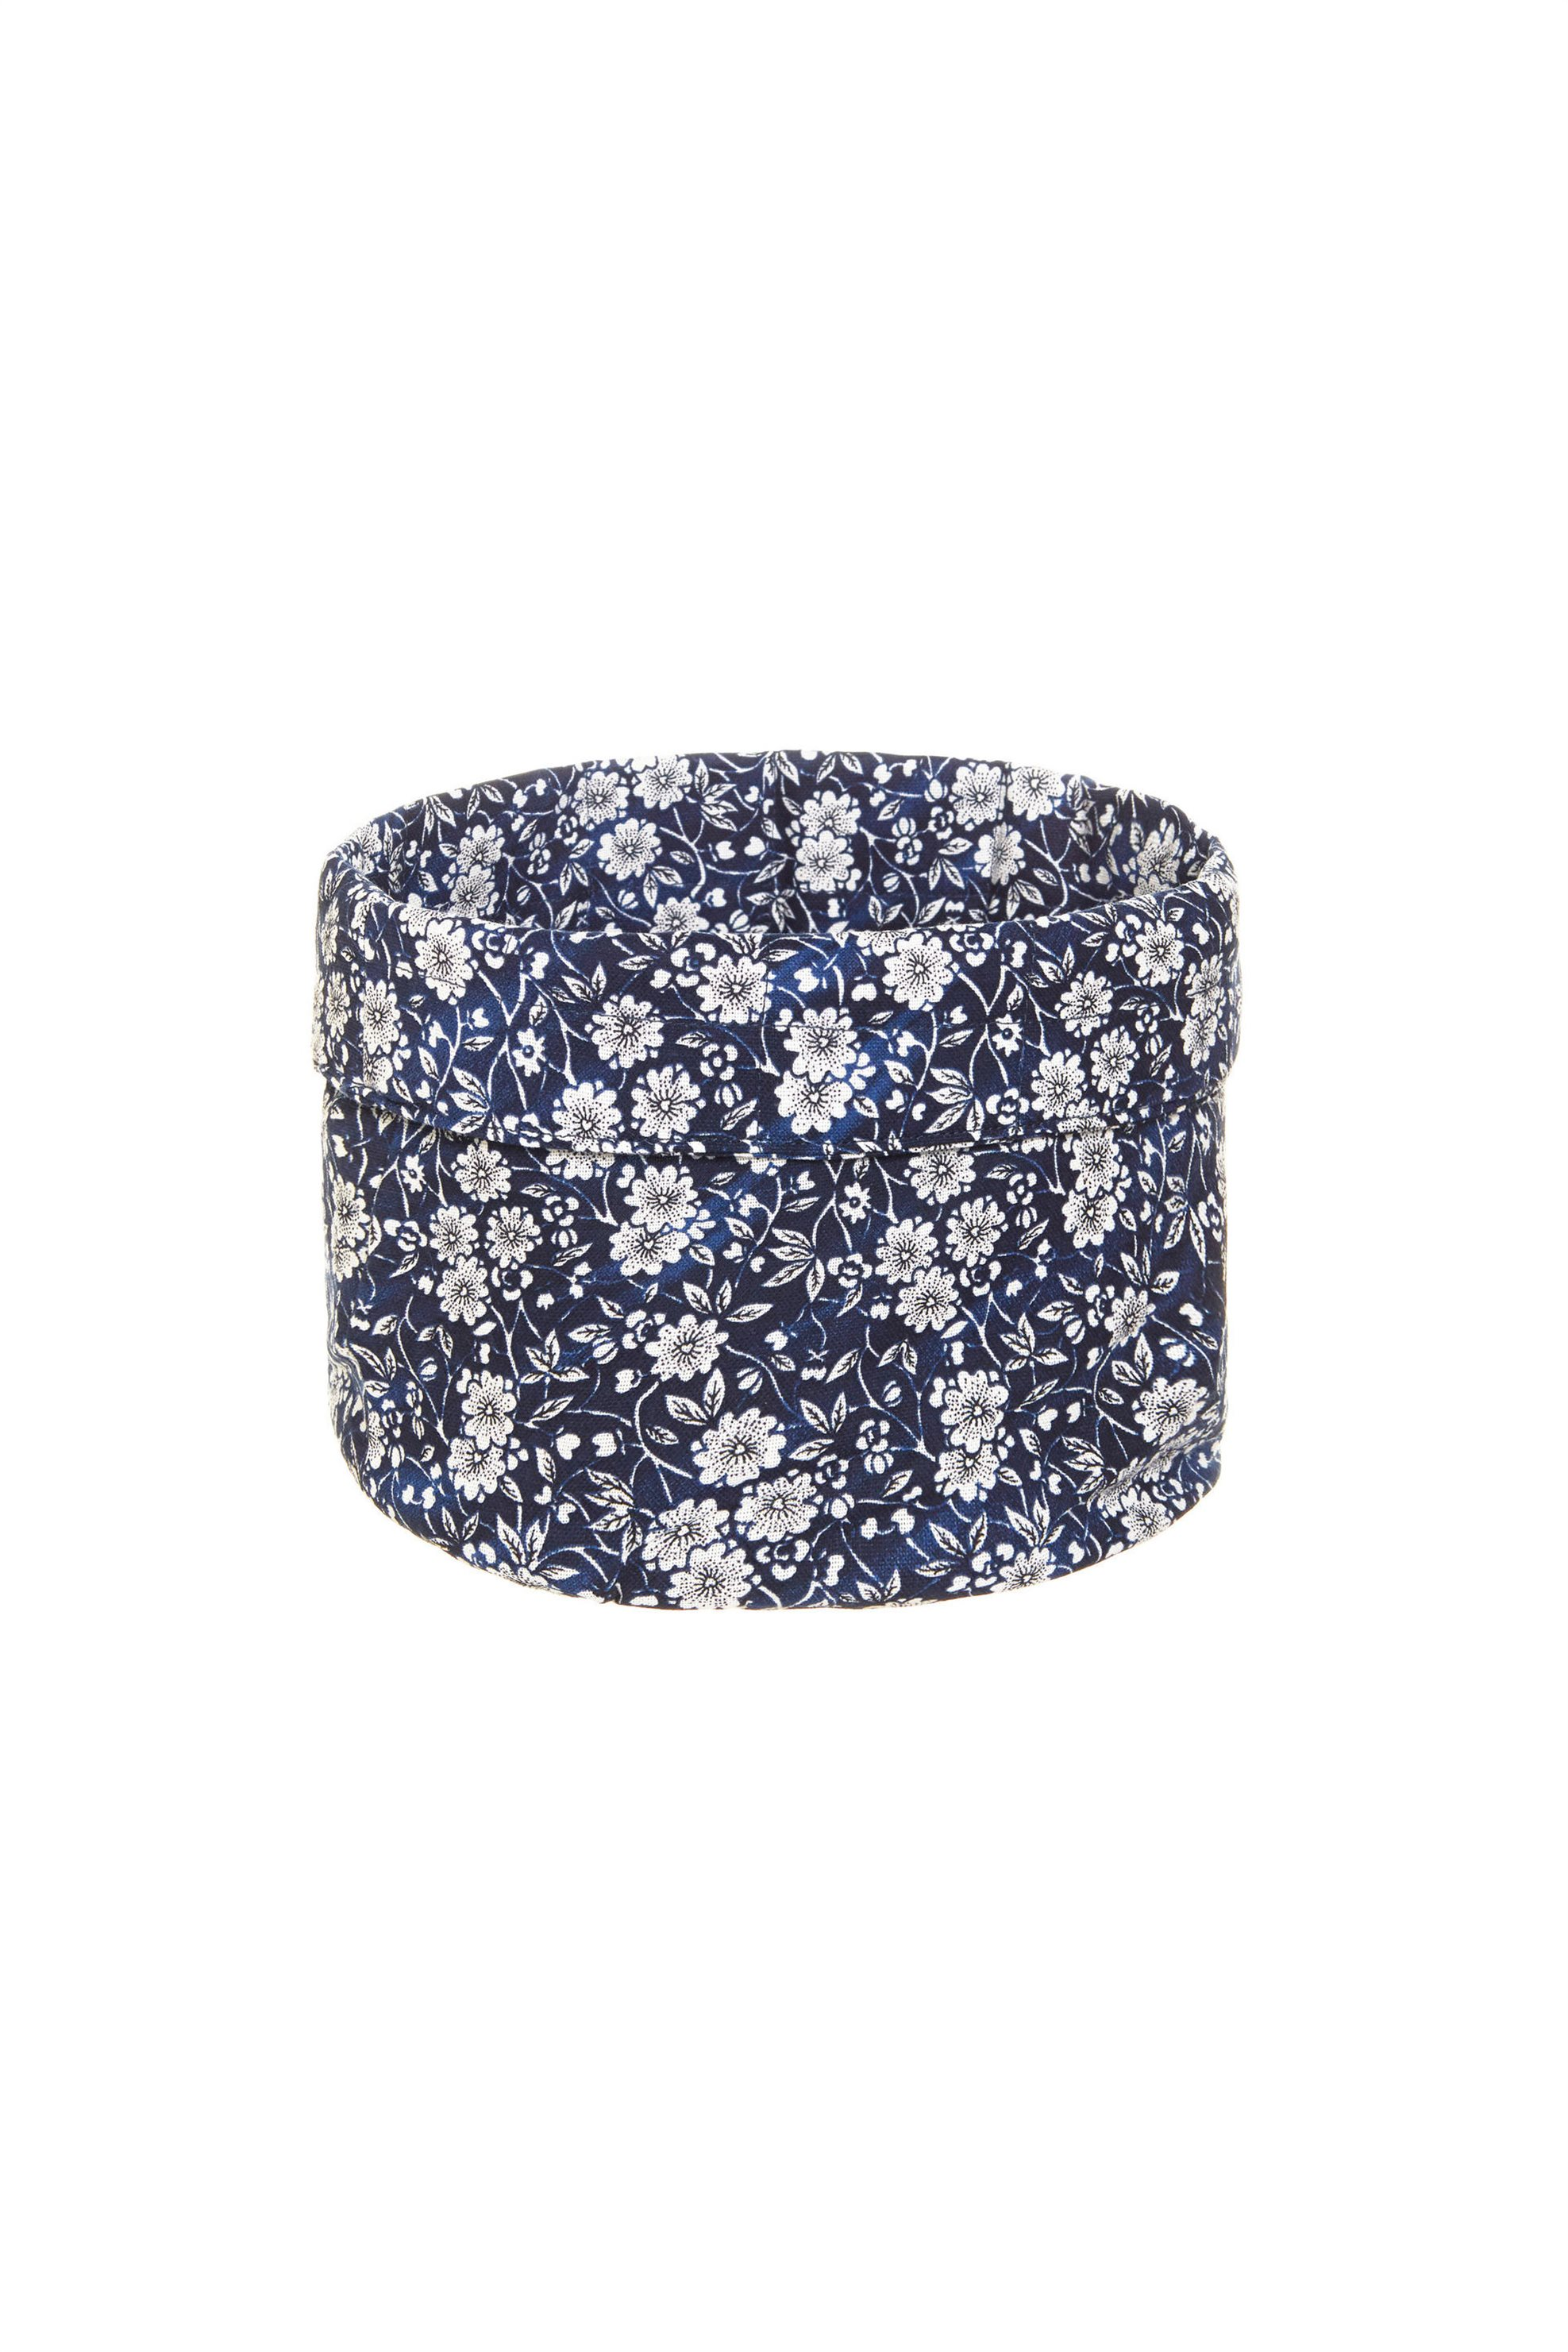 Καλάθι στρογγυλό με floral σχέδιο 20 x 20 cm Coincasa - 000494811 - Μπλε home   κουζινα   αξεσουάρ kουζίνας